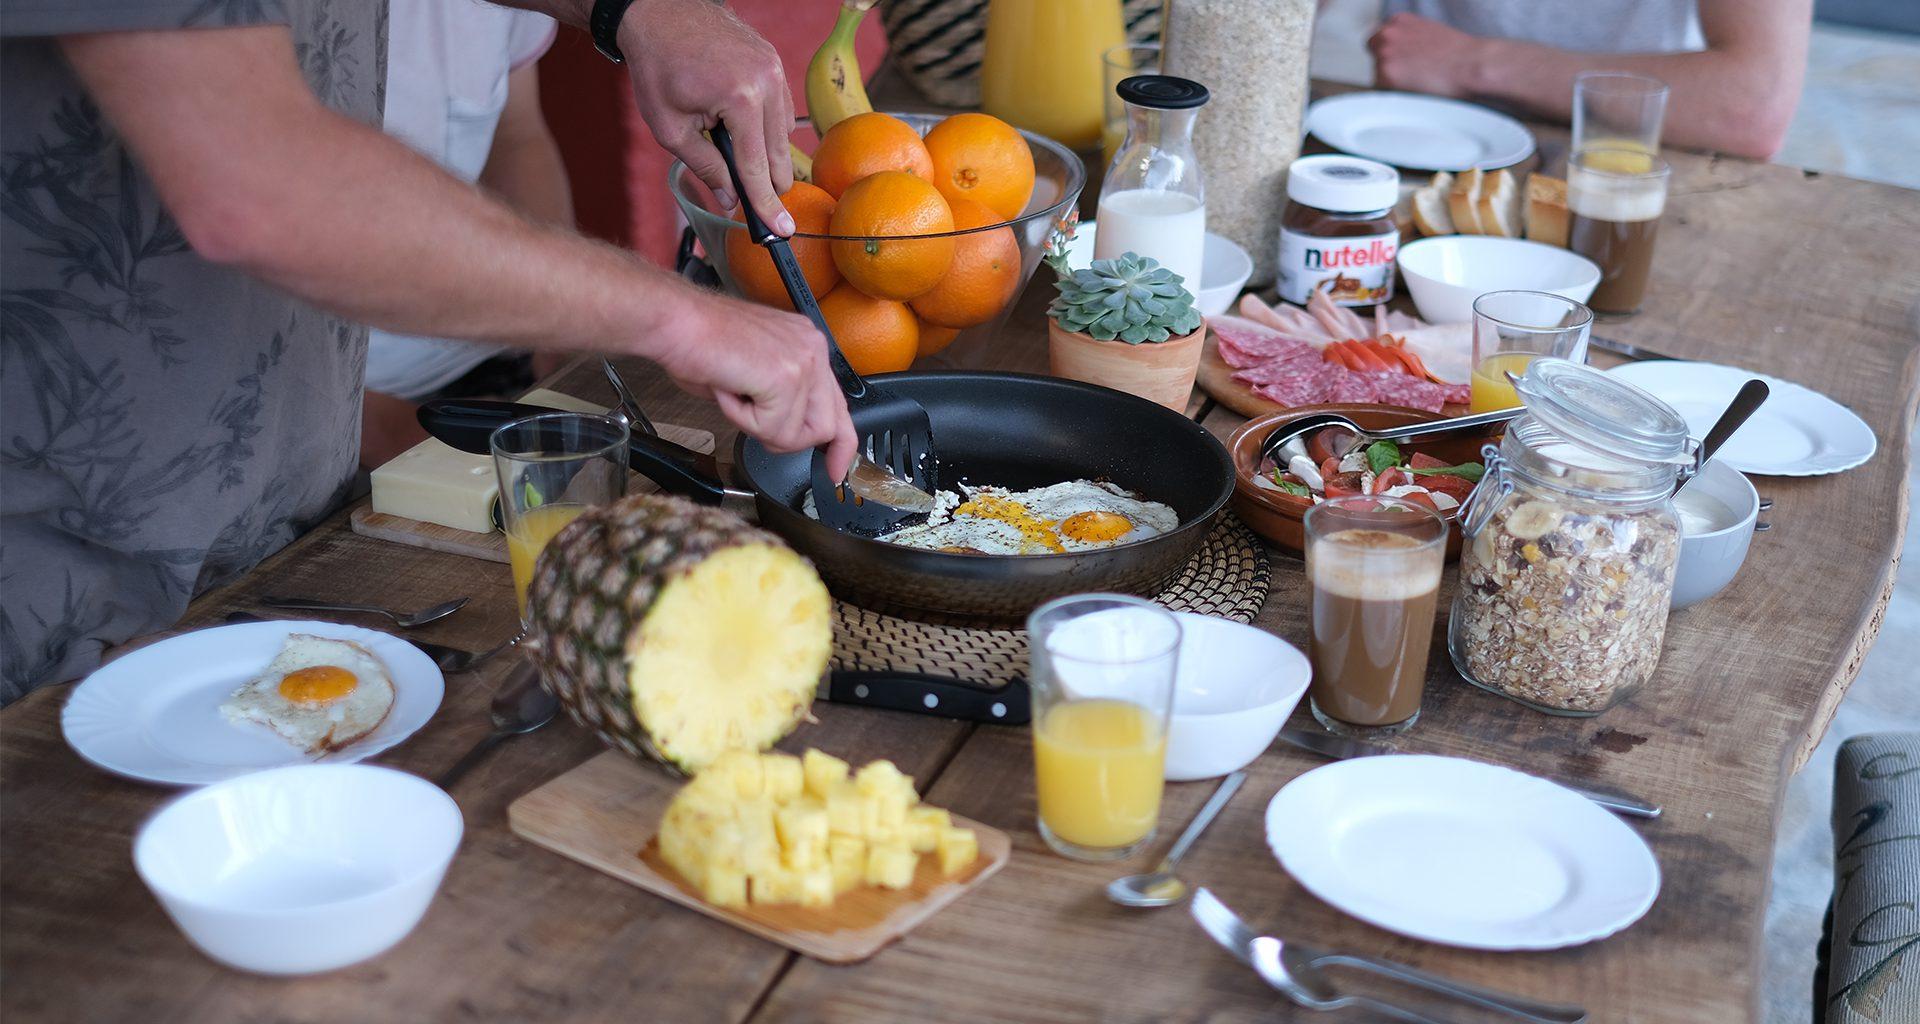 Üppiges und gesundes Frühstück